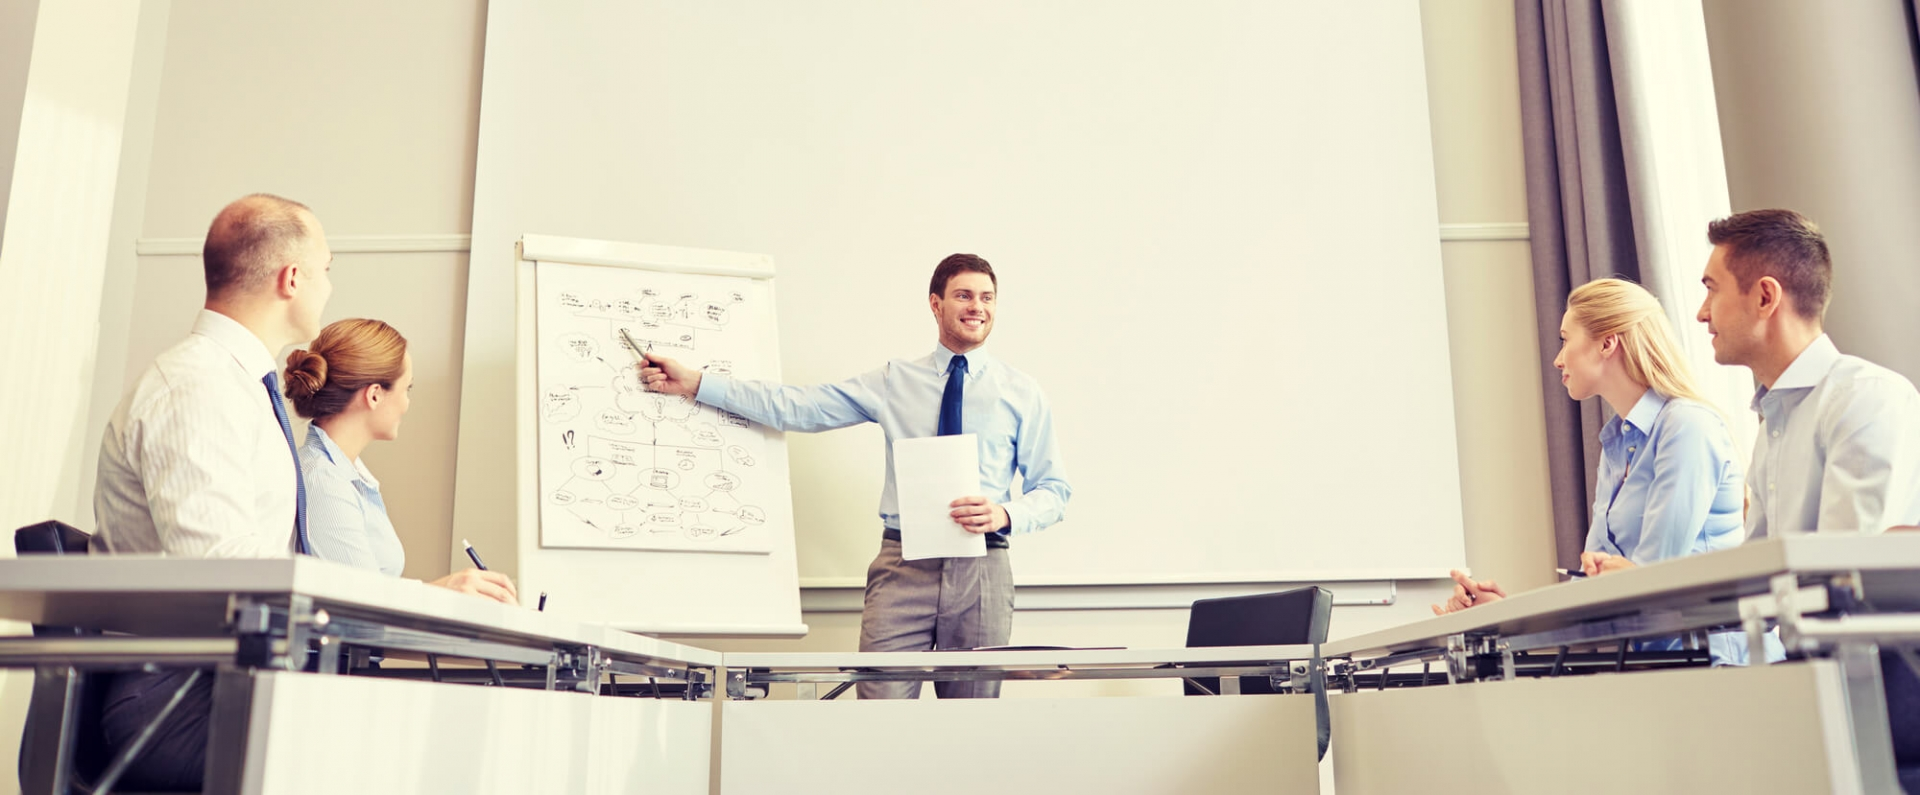 Gestão de Funcionários: 5 dicas para ter colaboradores motivados